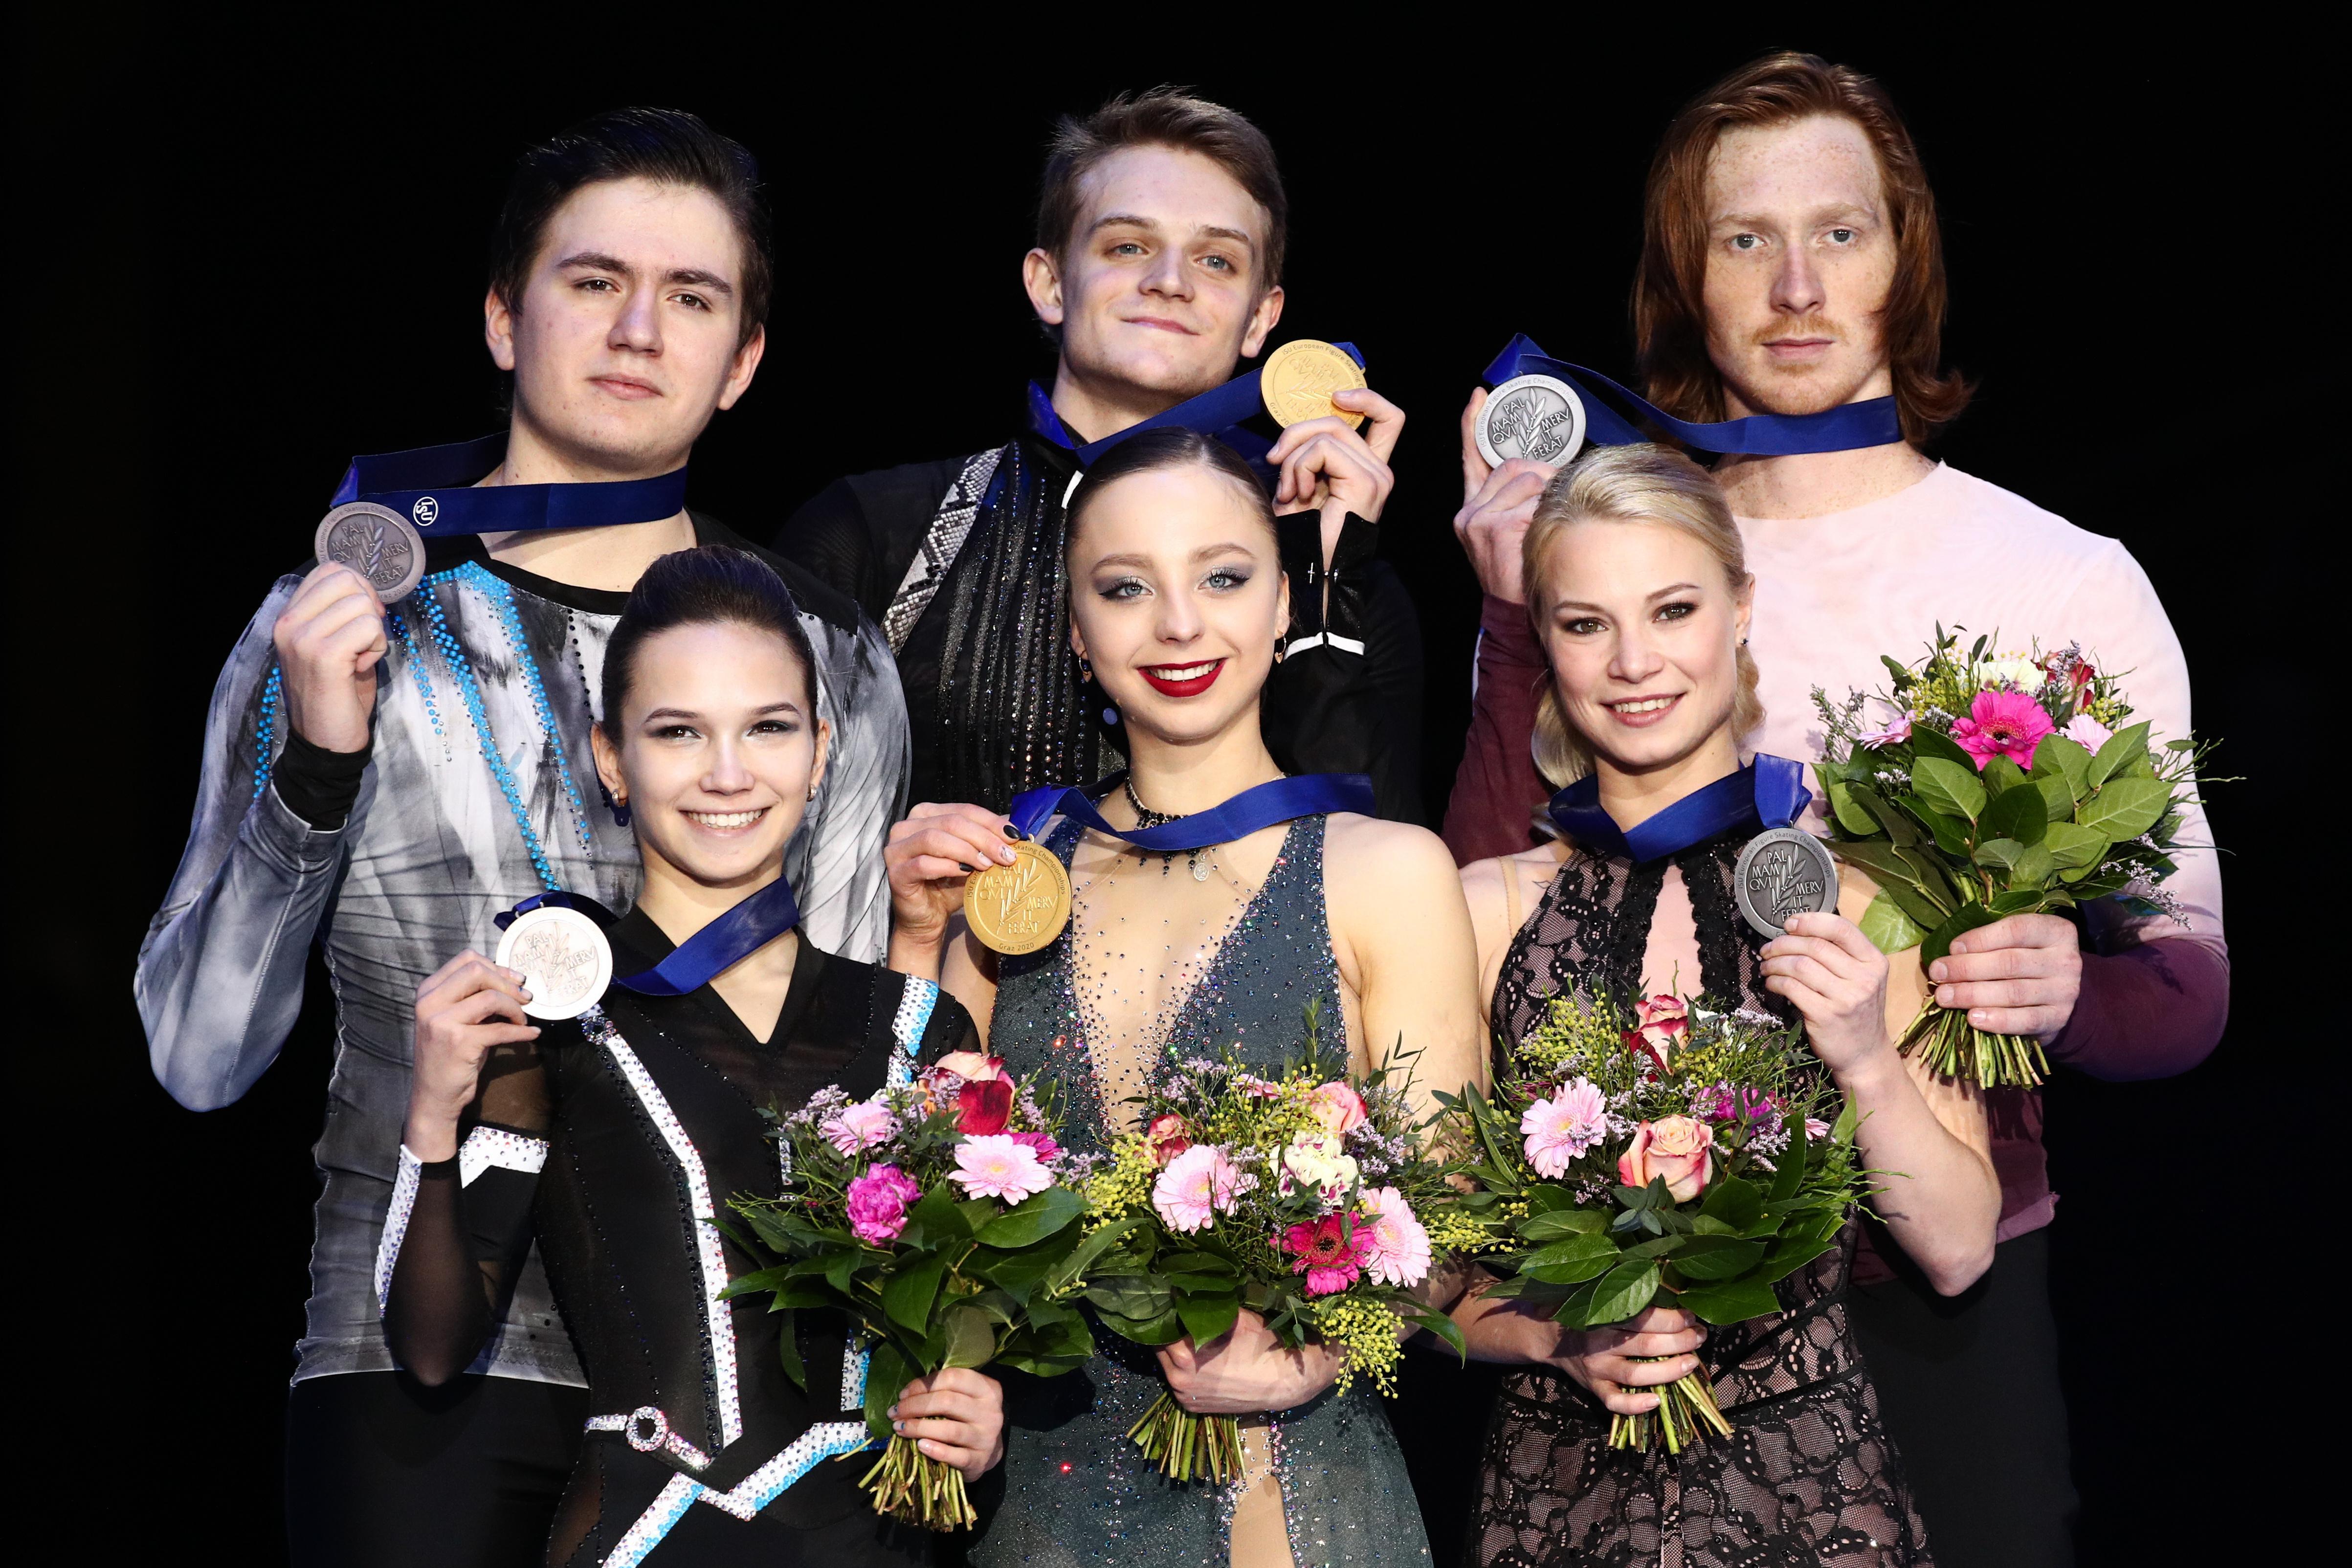 В соревнованиях пар, как и в женском одиночном катании, пьедестал был полностью российским. Фото © ТАСС / Сергей Бобылев